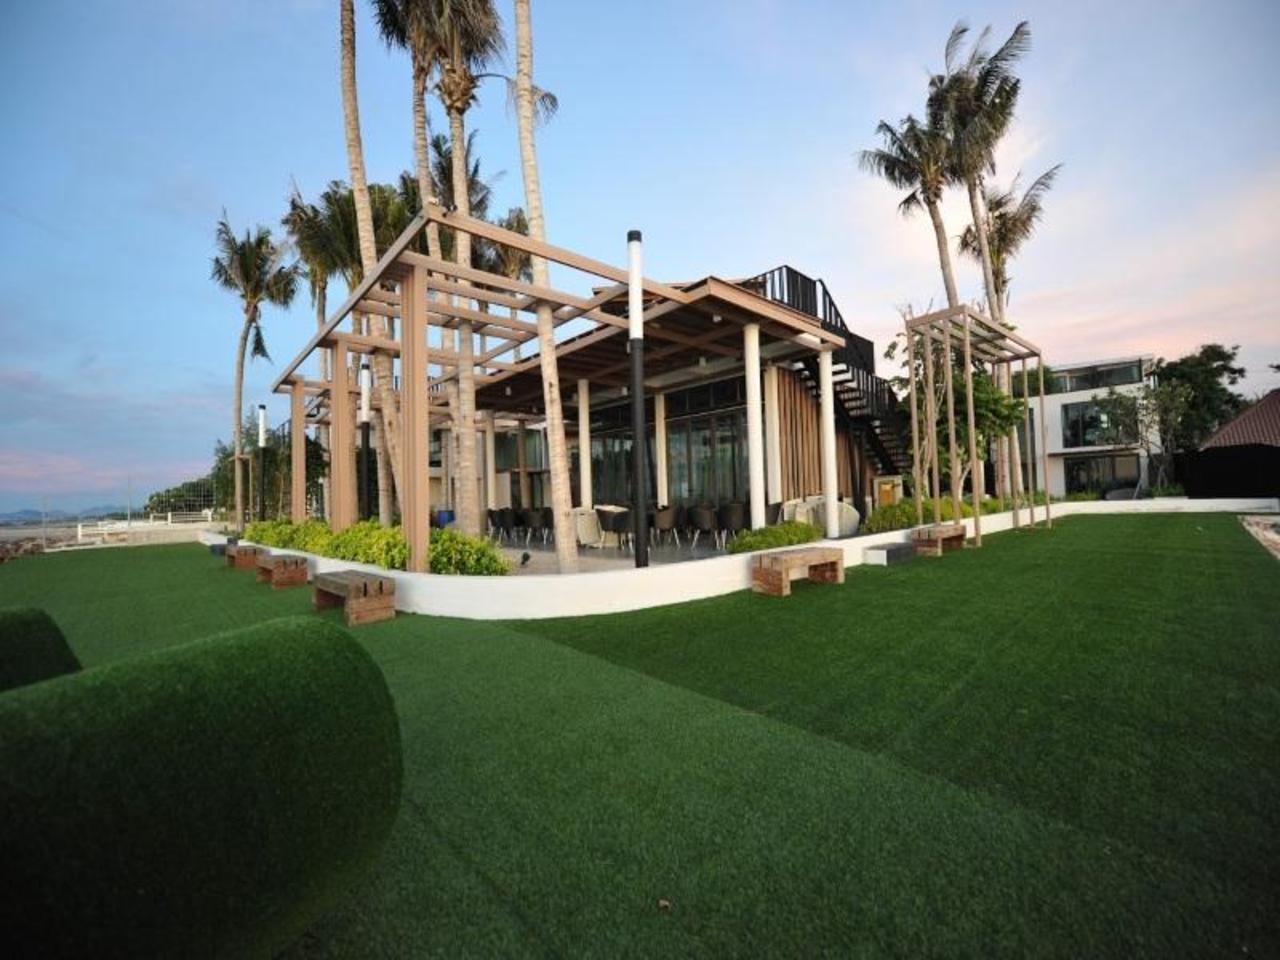 อีโค่ โมเม้น บีช รีสอร์ท (Eco Moment Beach Resort)